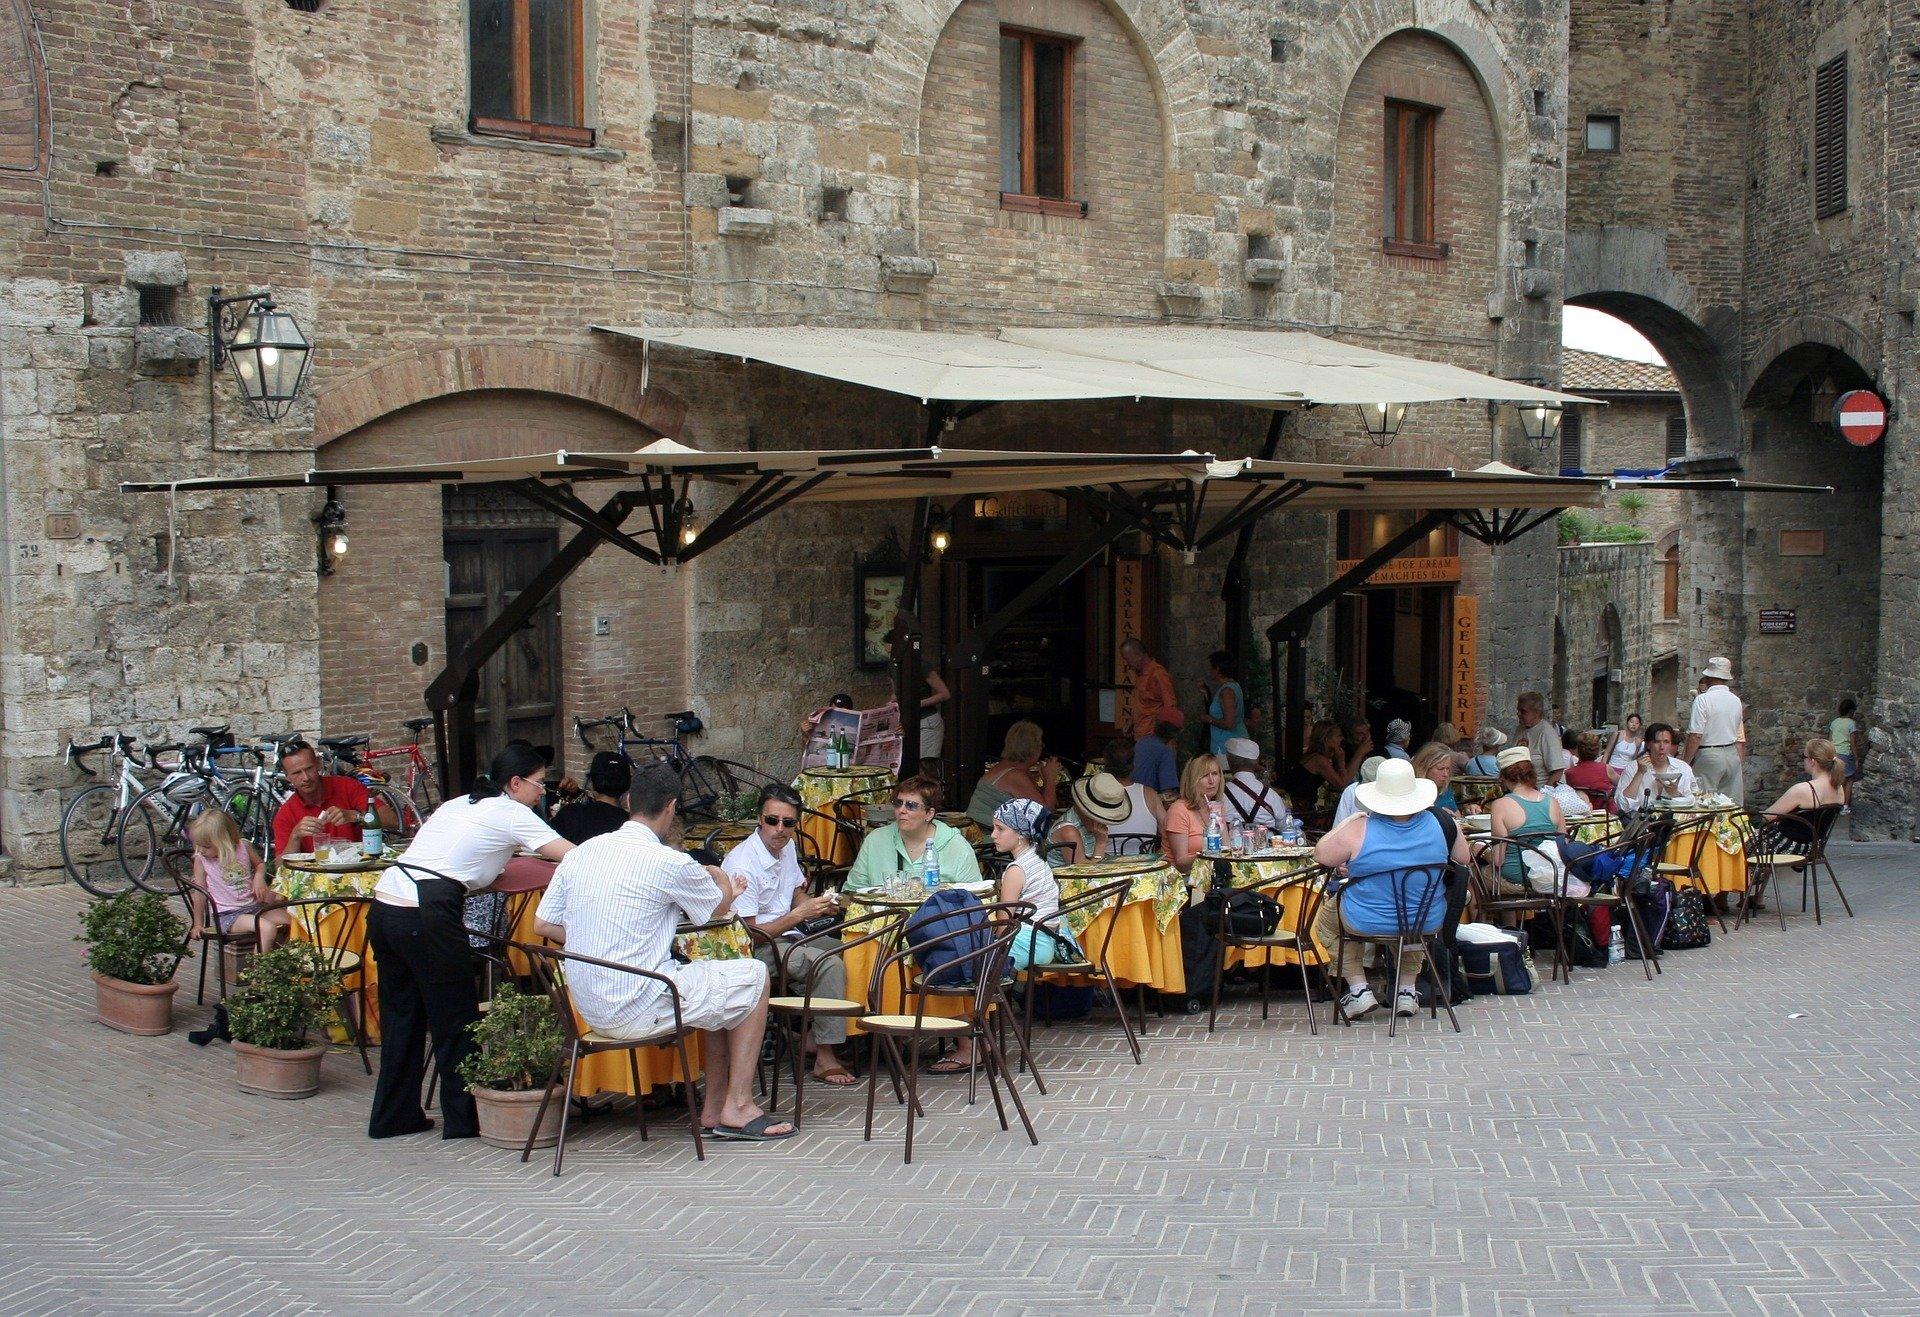 Server on Italian Street Restaurant